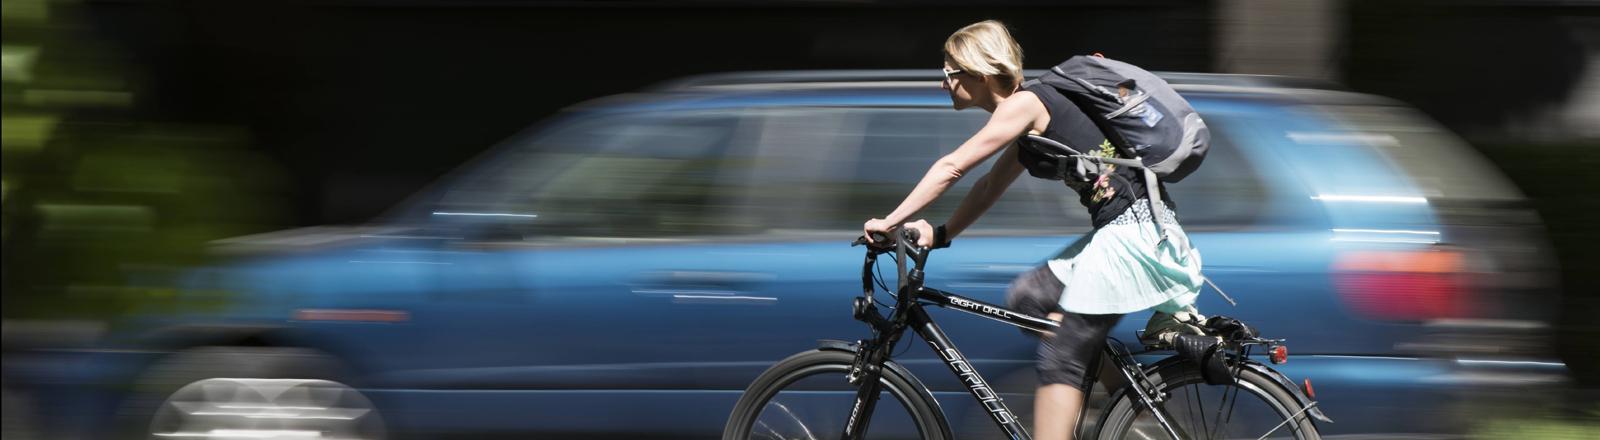 Fahrradfahrerin neben Auto